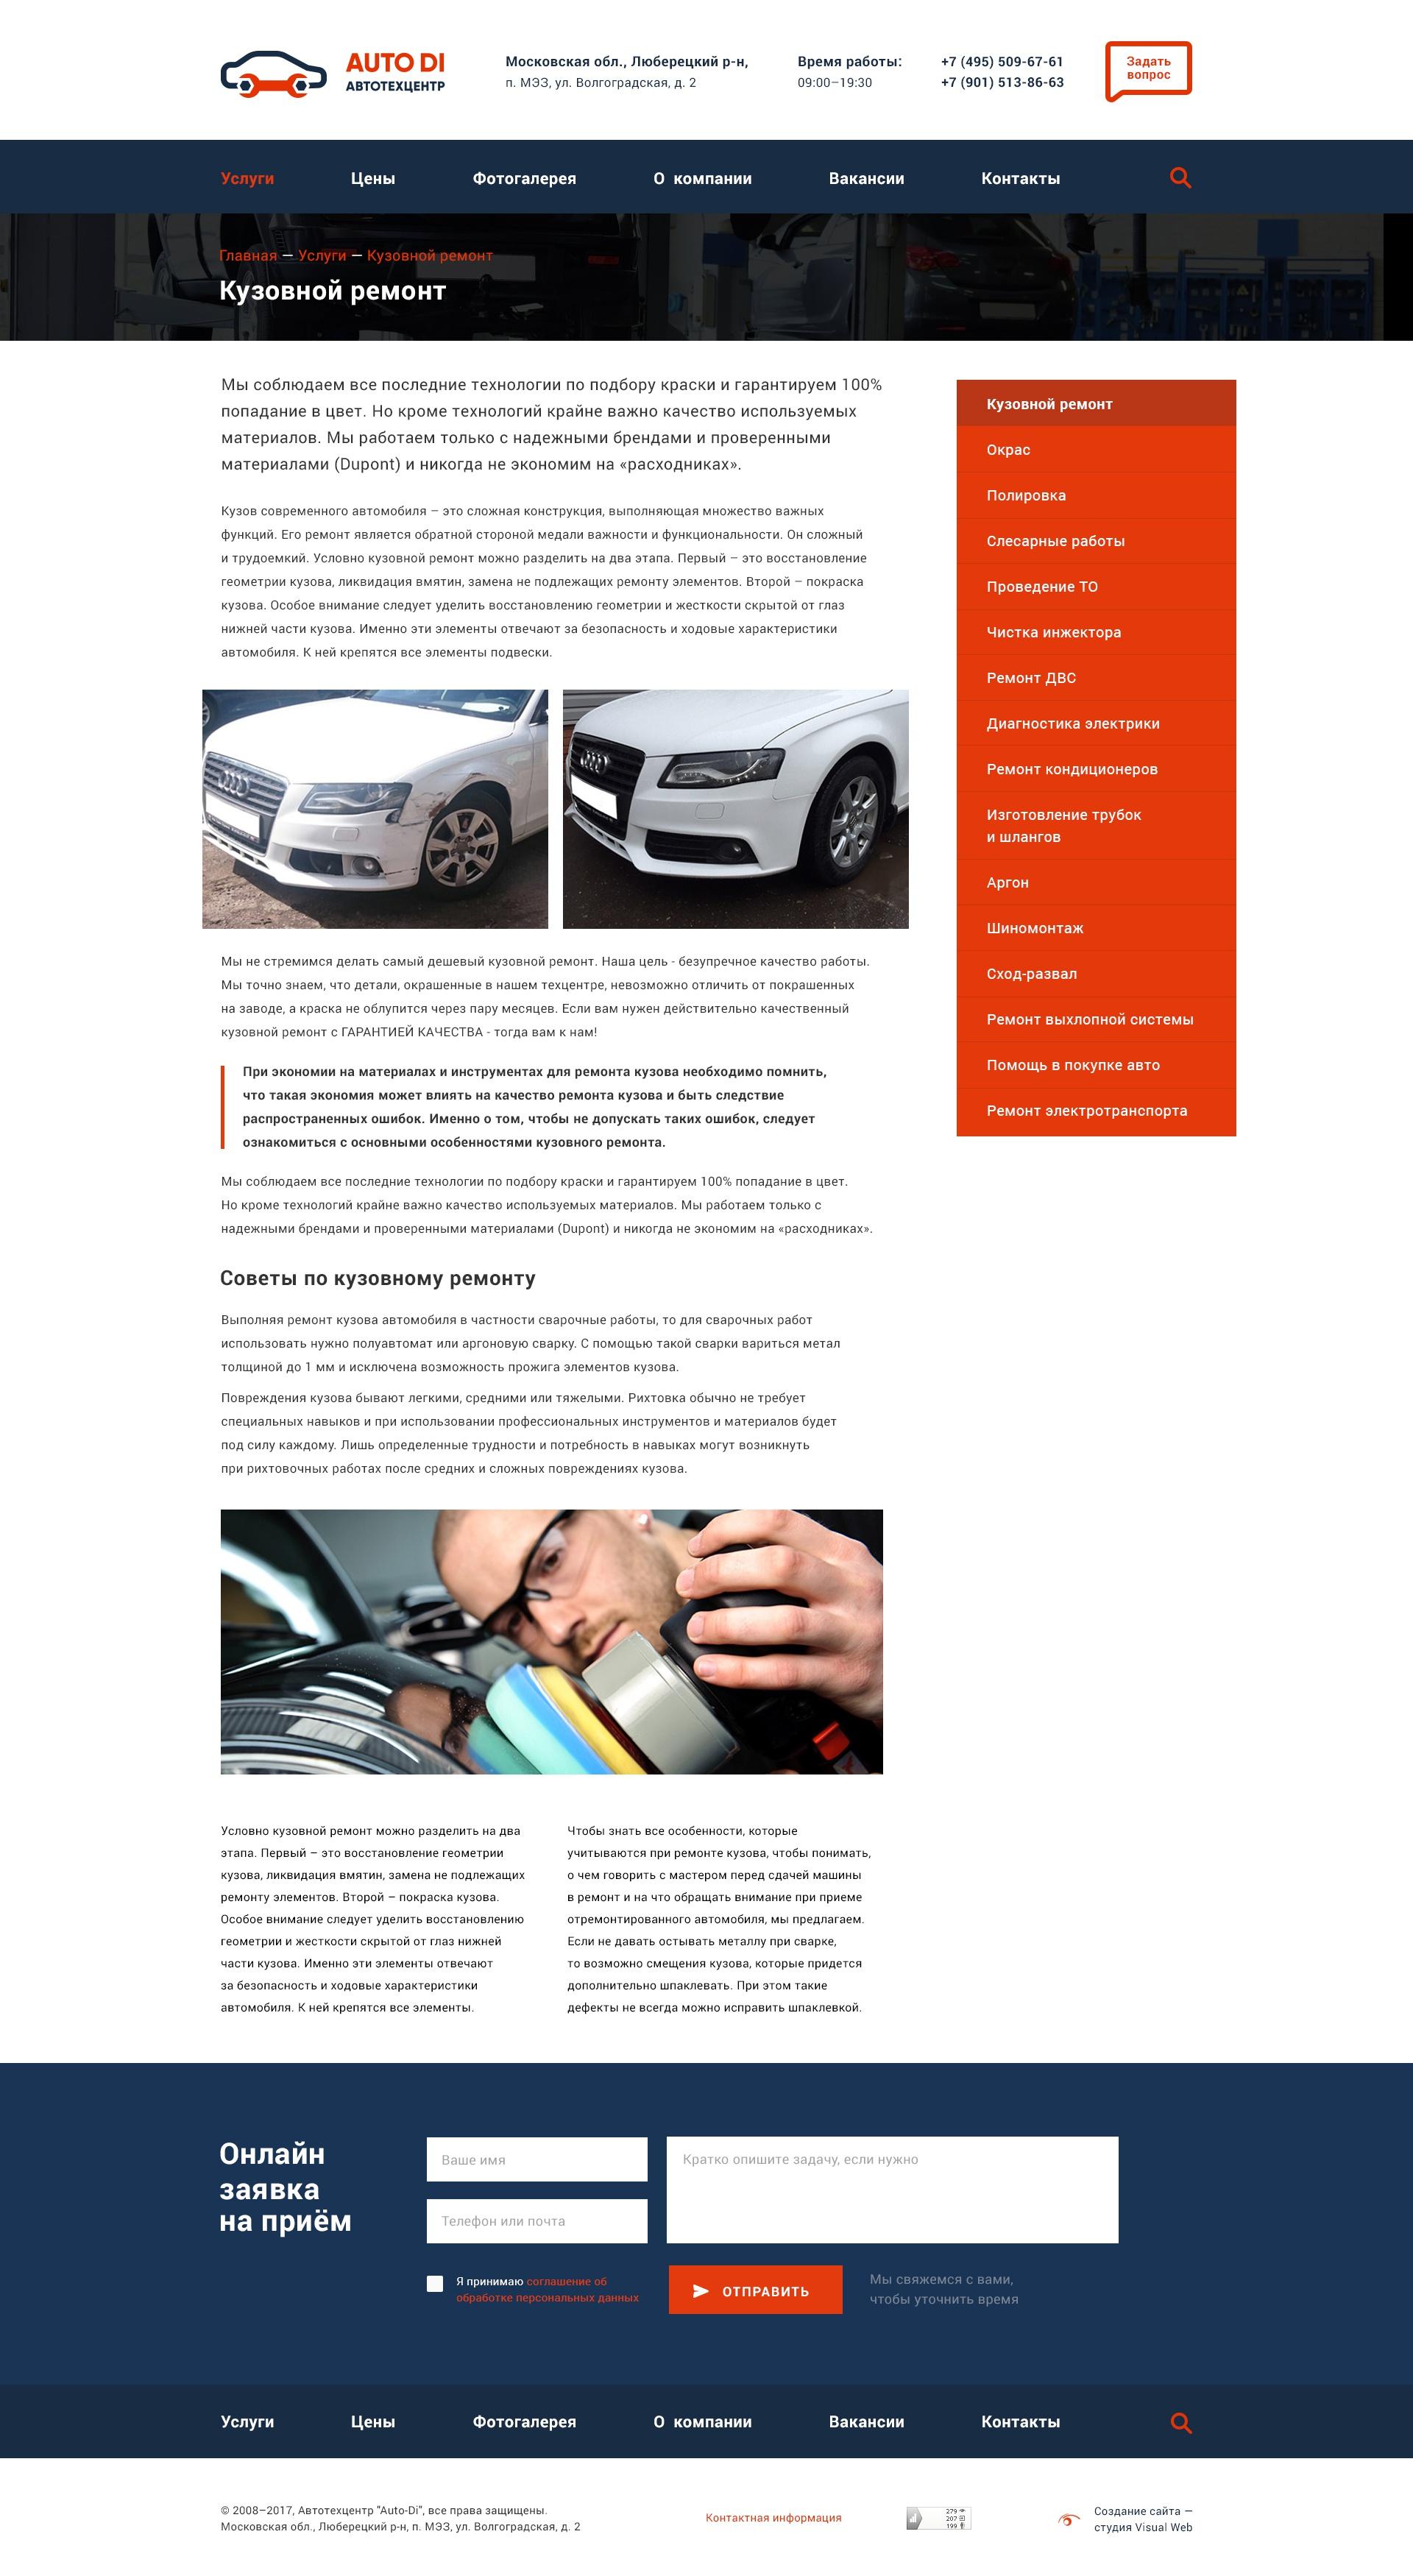 Создание сайта-визитки автосервиса AUTO DI